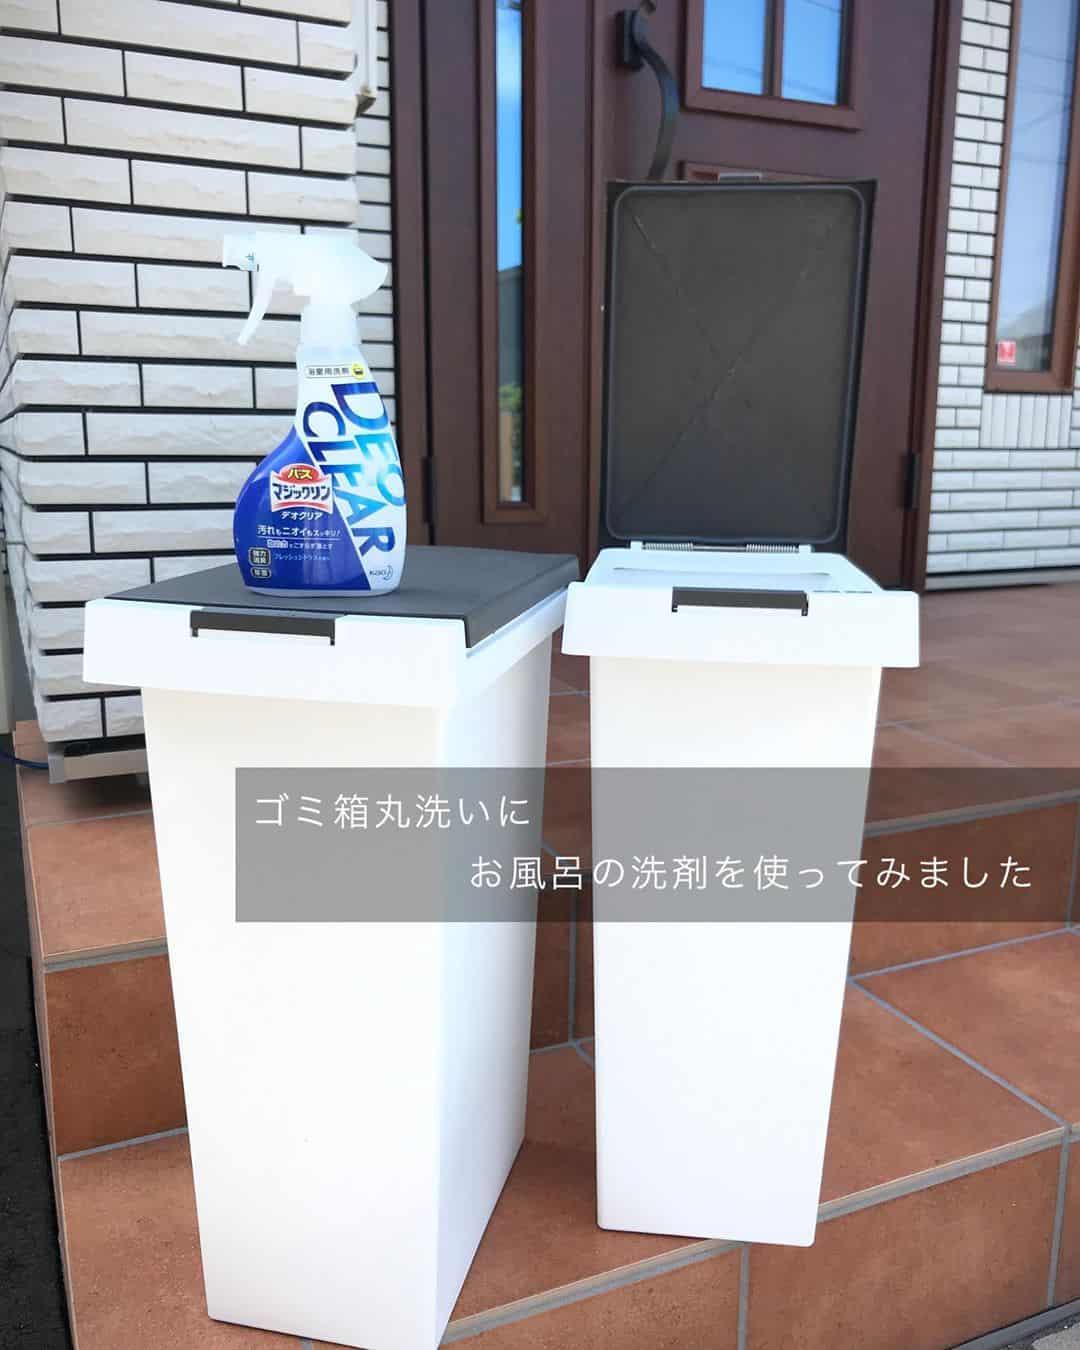 バスマジックリン ゴミ箱